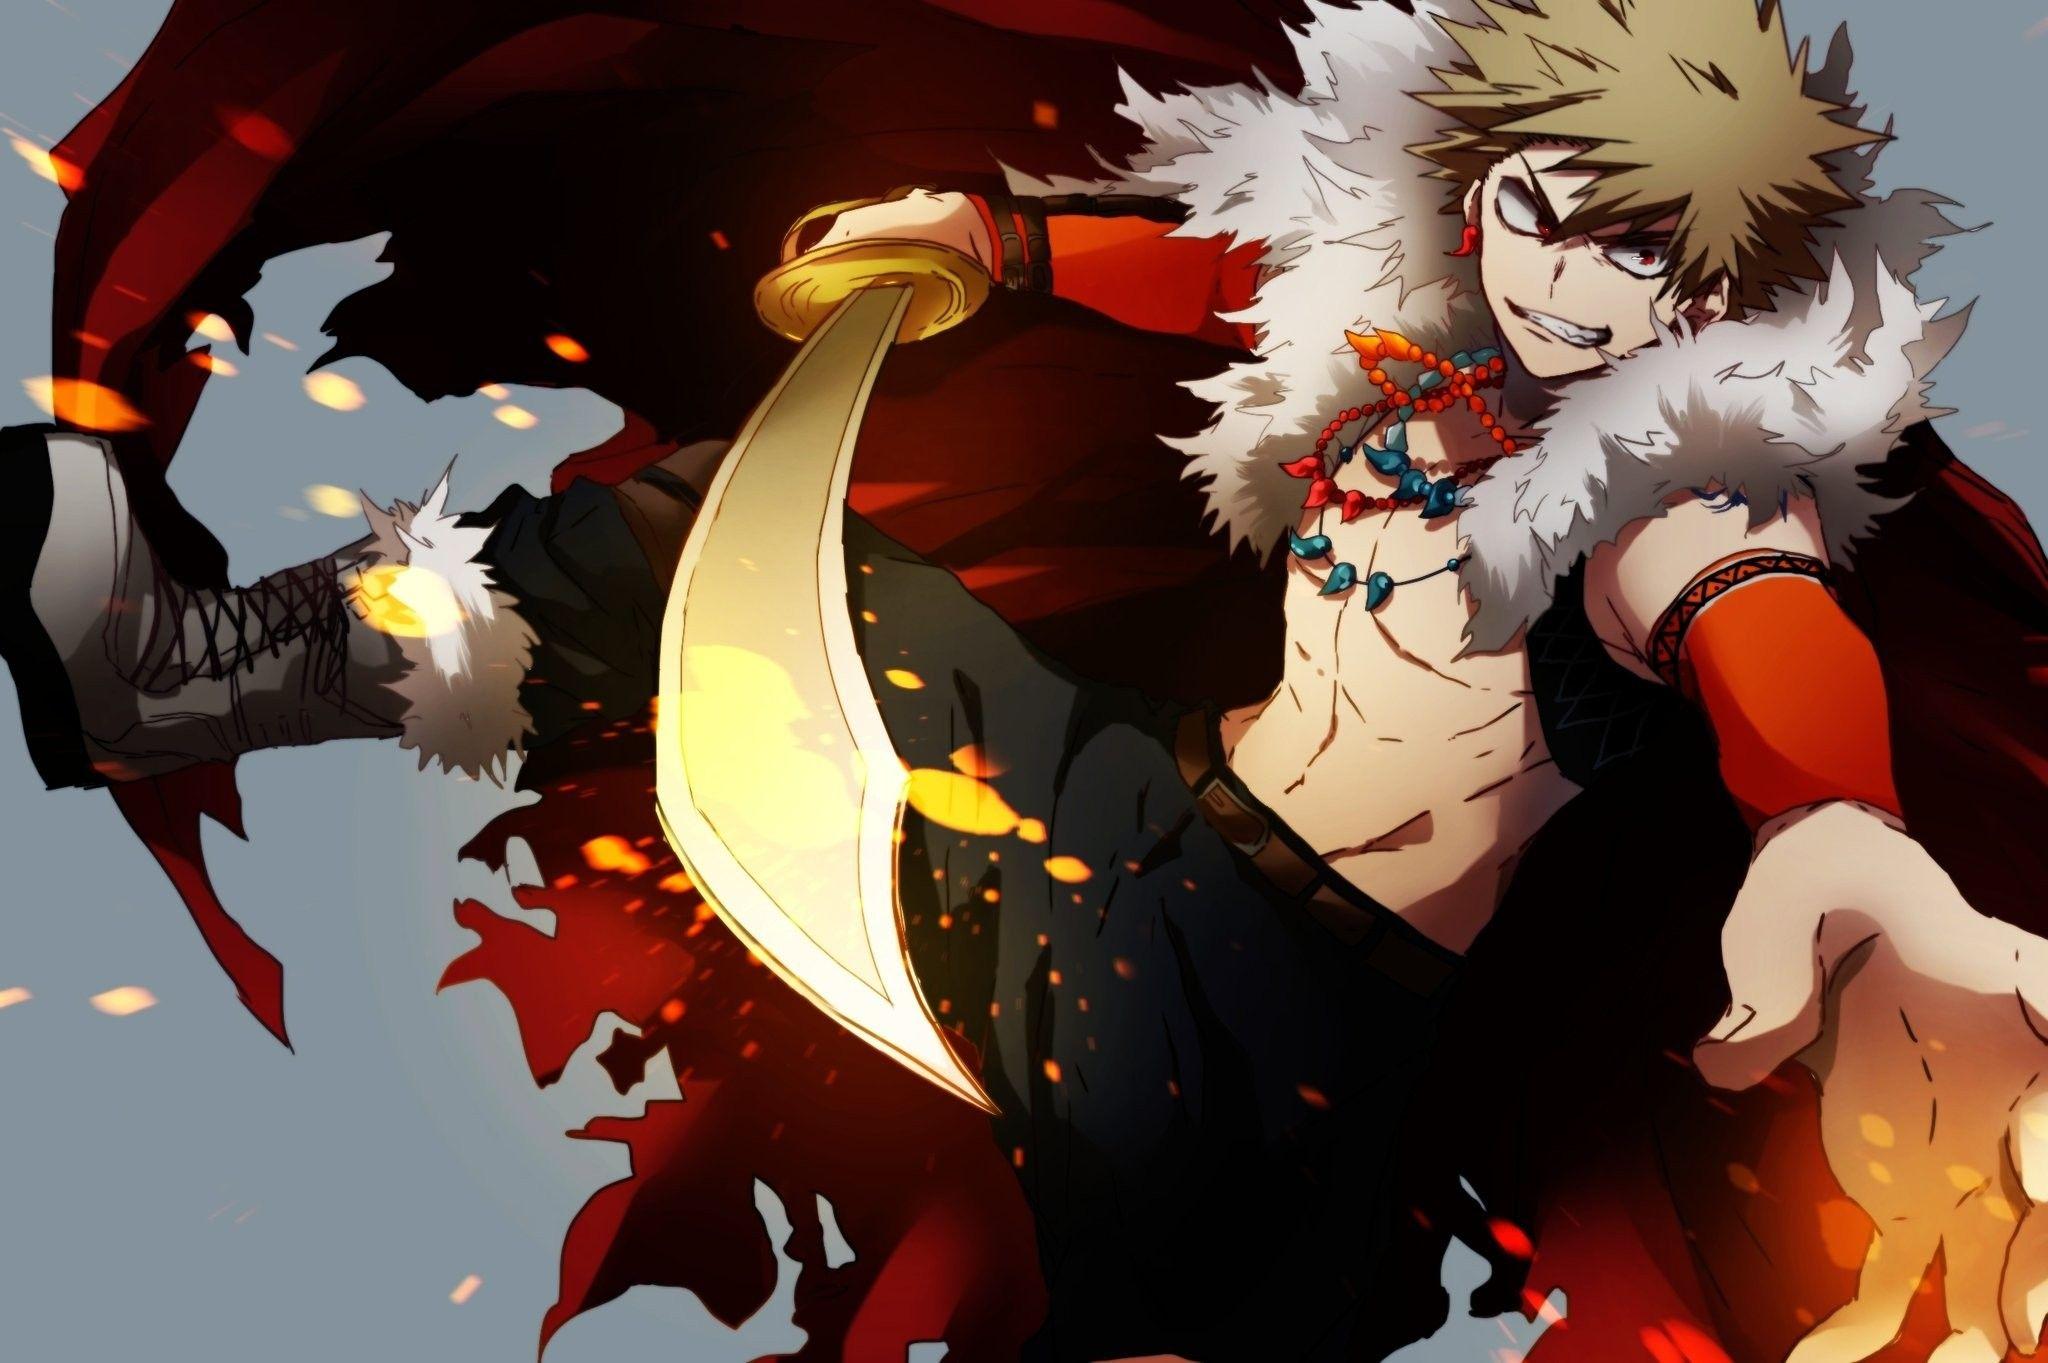 Bakugou Katsuki Boku No Hero Academia Bnha Mha Fantasy Au Hero Anime Wallpaper My Hero